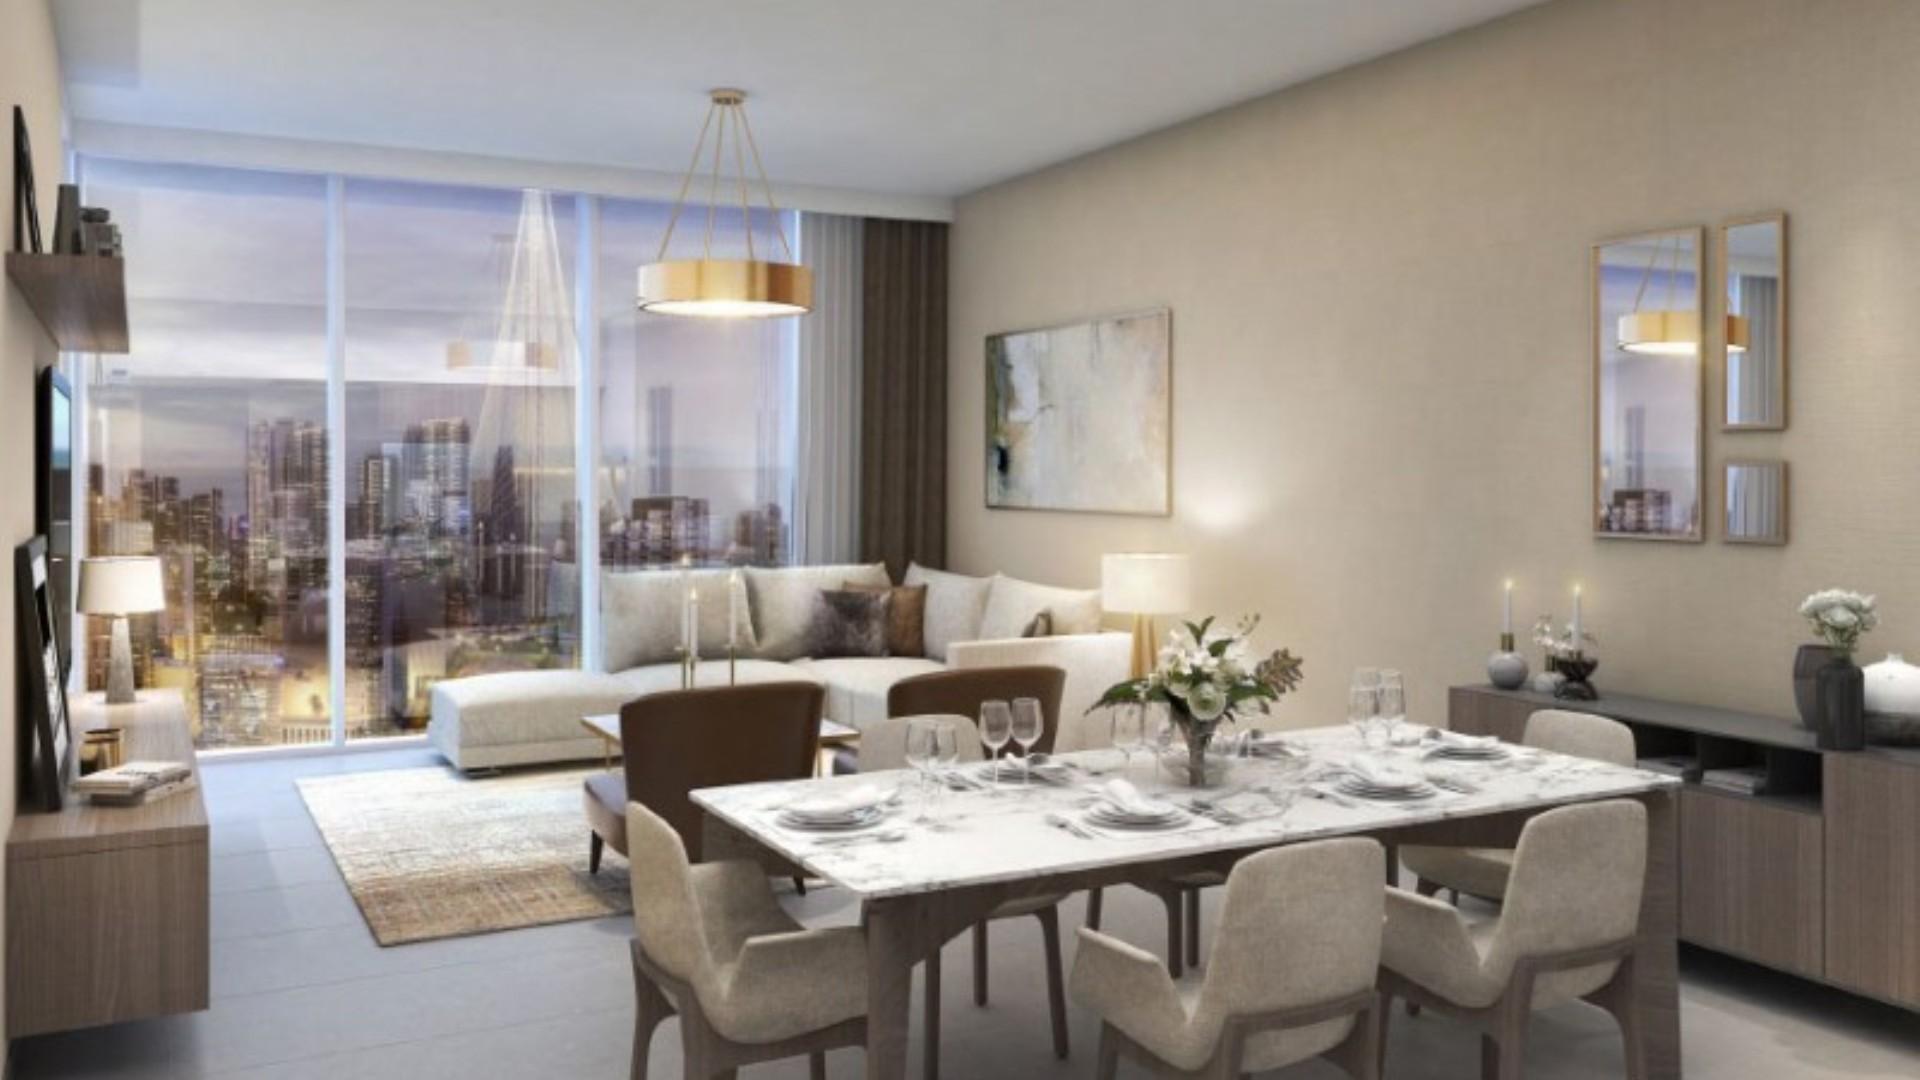 Apartamento en venta en Dubai, EAU, 3 dormitorios, 153 m2, № 24356 – foto 1